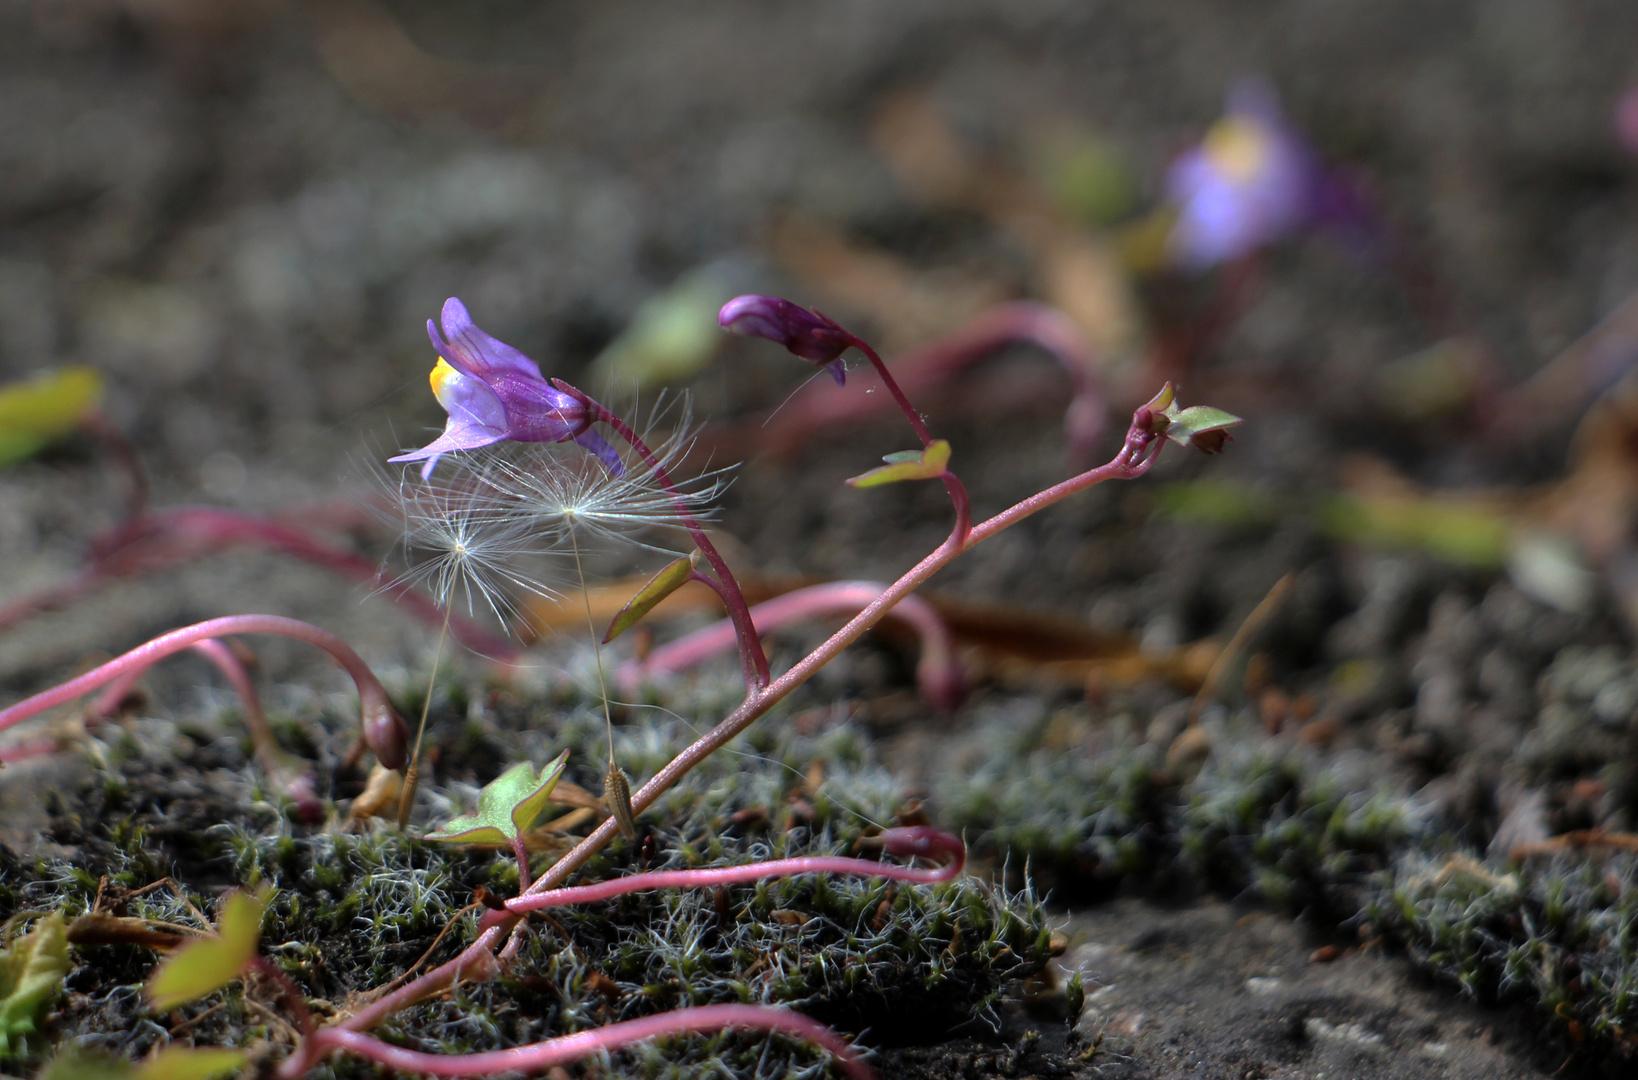 ein kleiner Frühlingskosmos